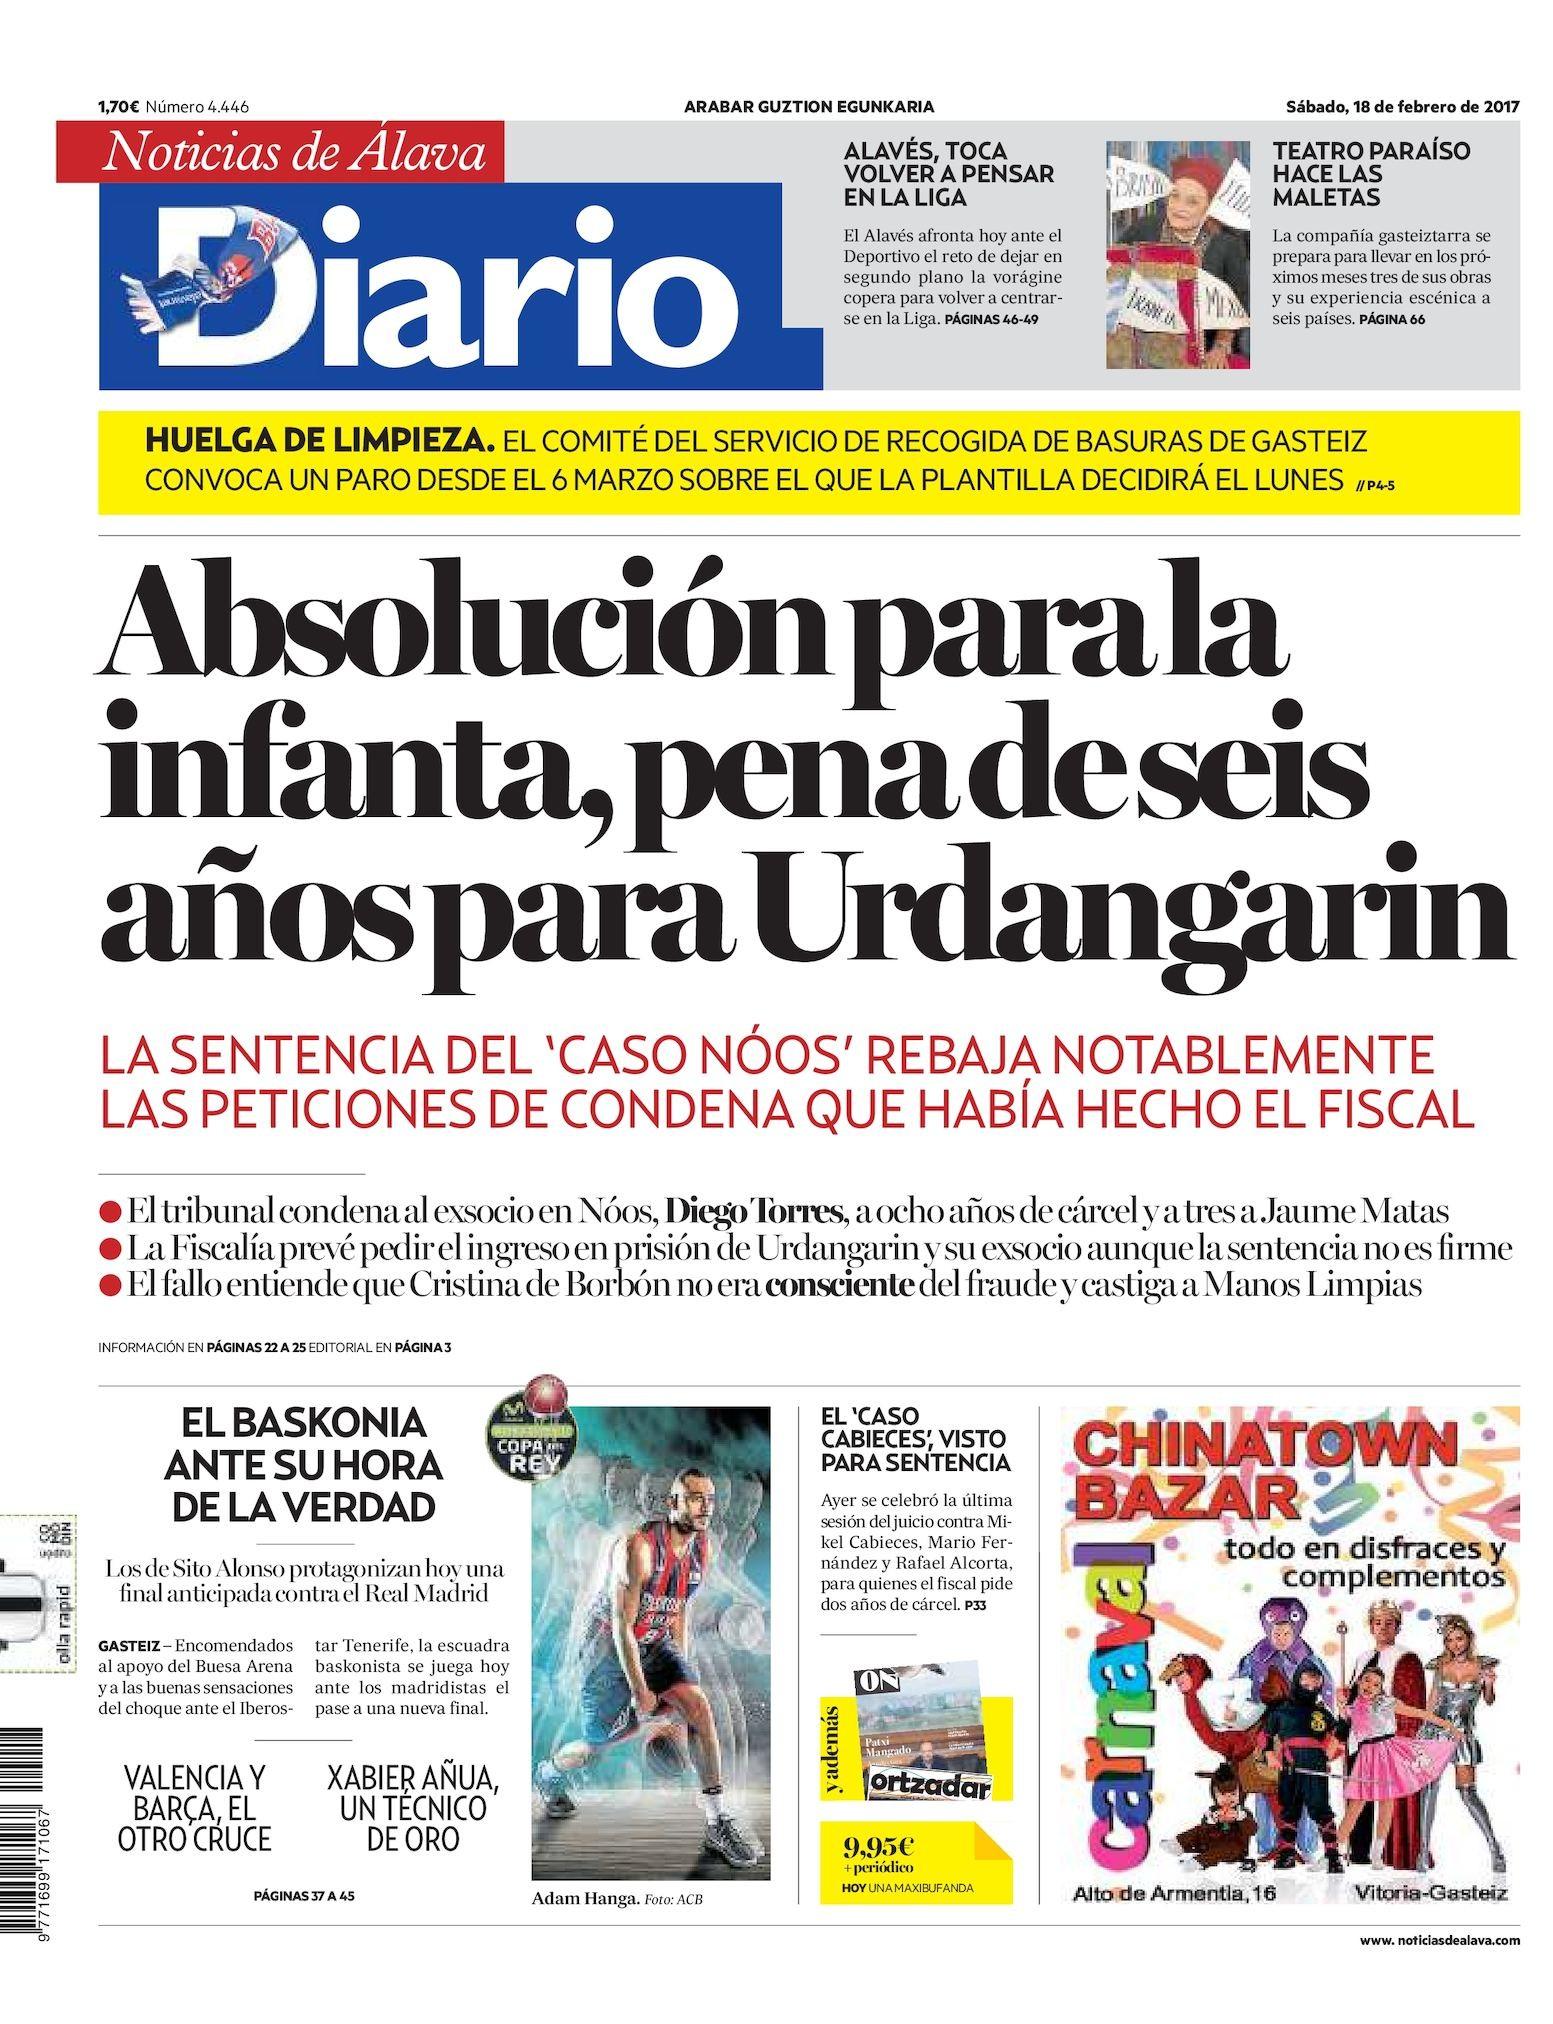 Calendario 2020 Dias Feriados Puerto Rico Más Caliente Calaméo Diario De Noticias De lava Of Calendario 2020 Dias Feriados Puerto Rico Recientes Texto Consolidado R2447 — Es — 29 12 2015